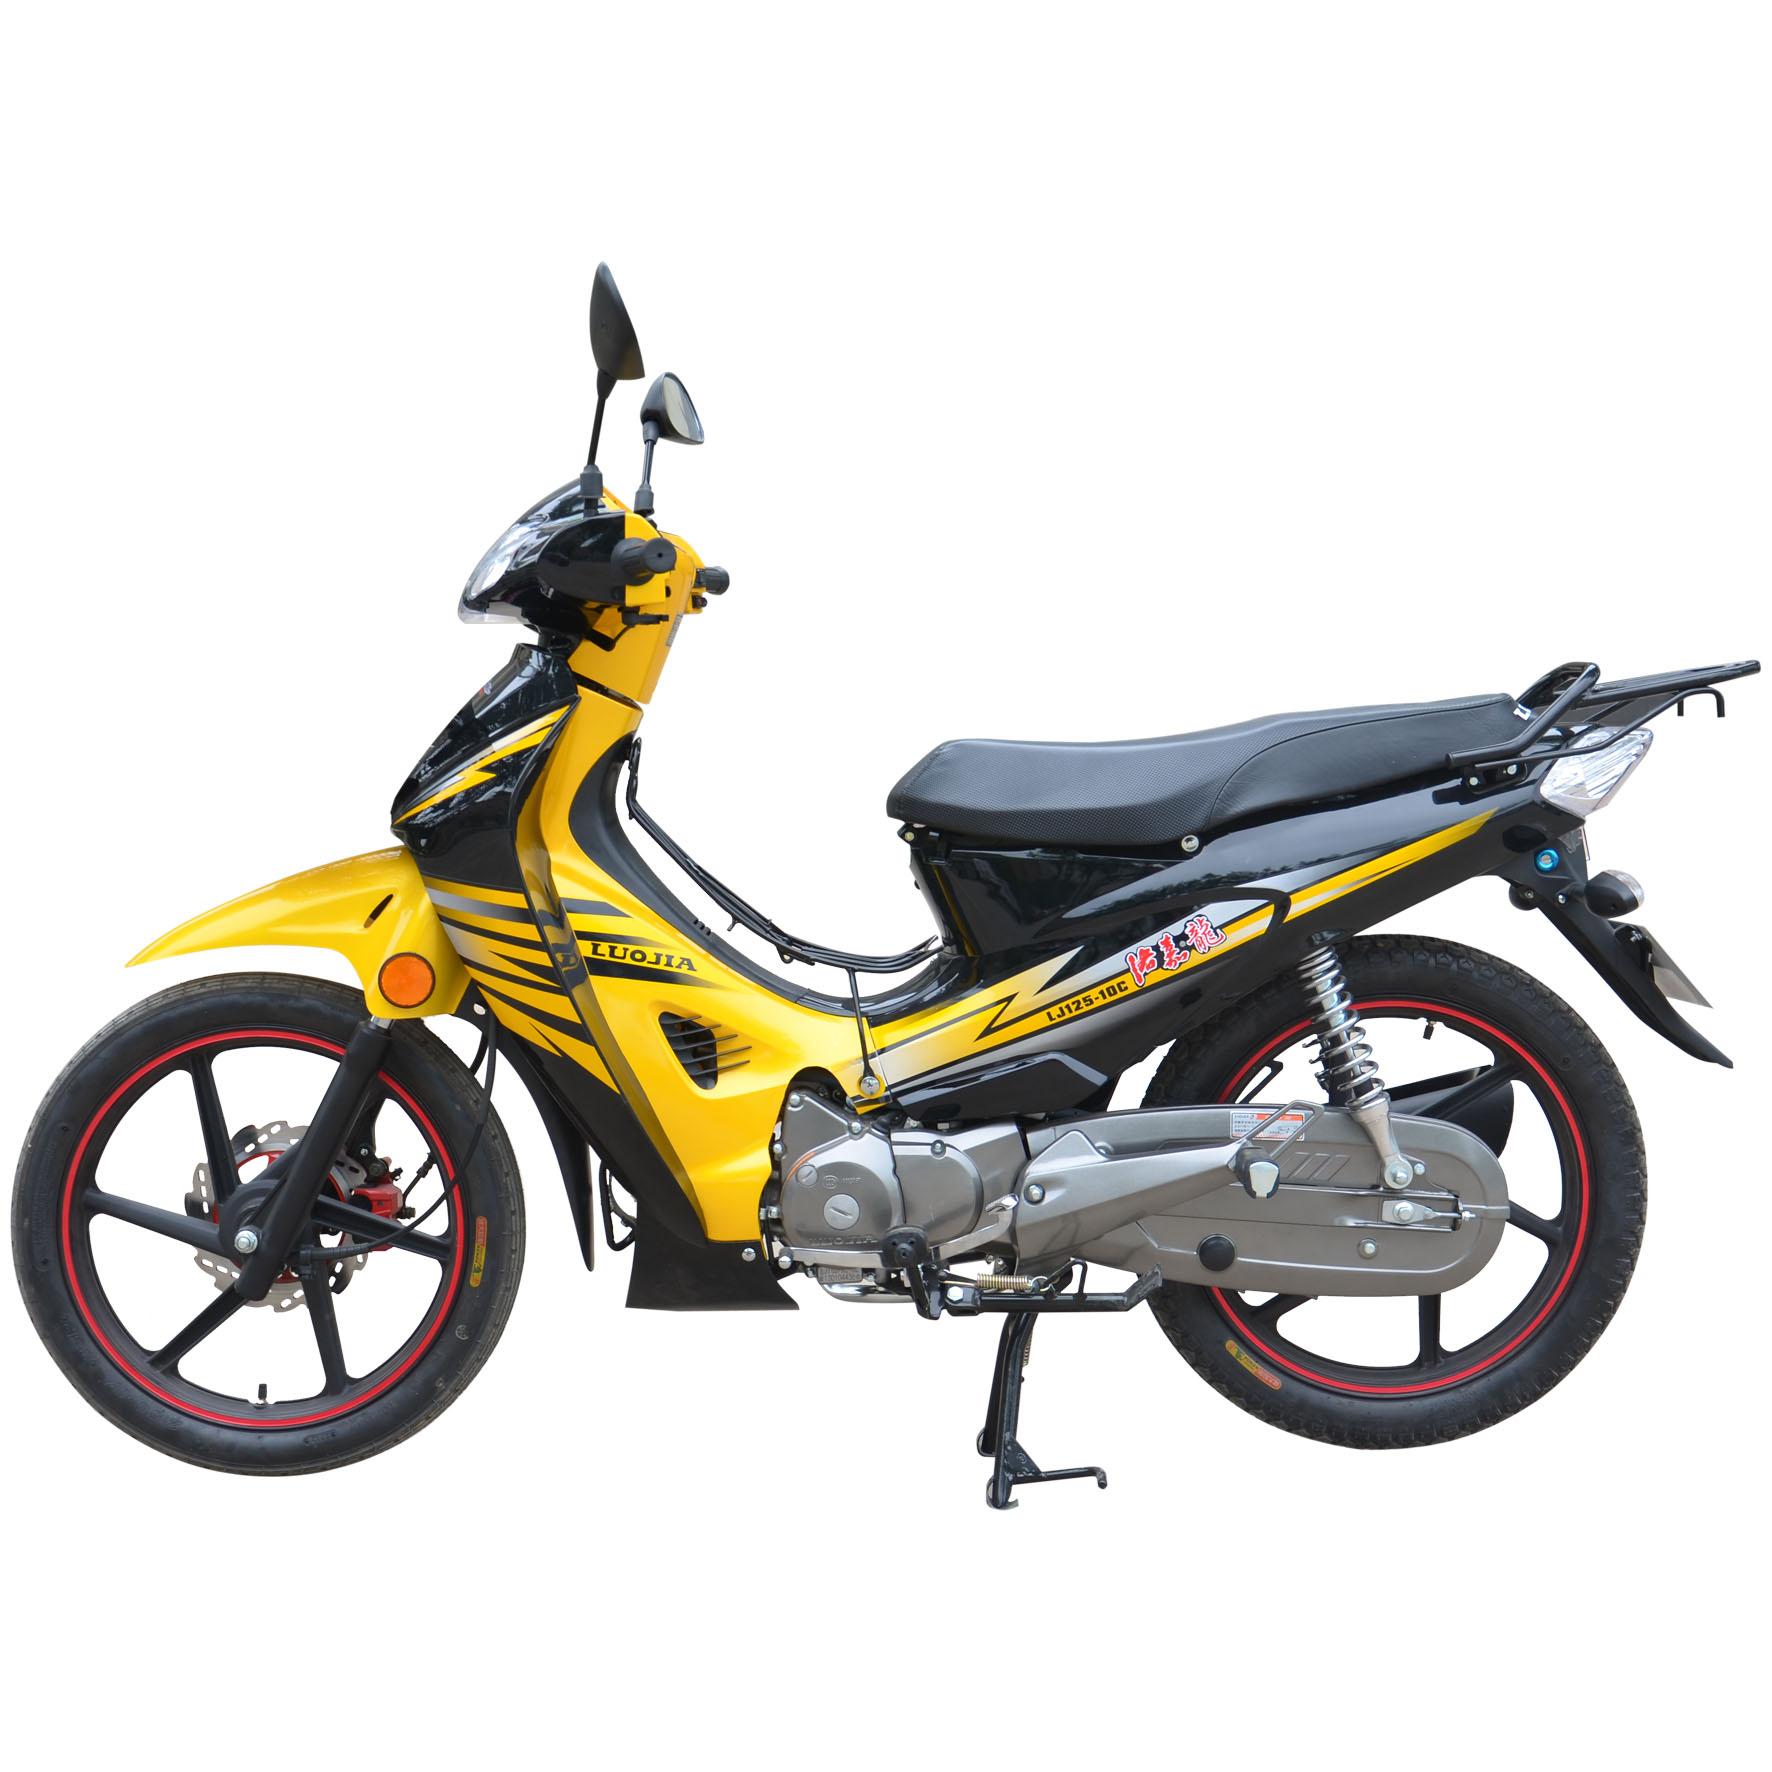 China New Cub Motorcycle Wholesale Alibaba Electronic Motocycle Ignition Cdi Honda C 90